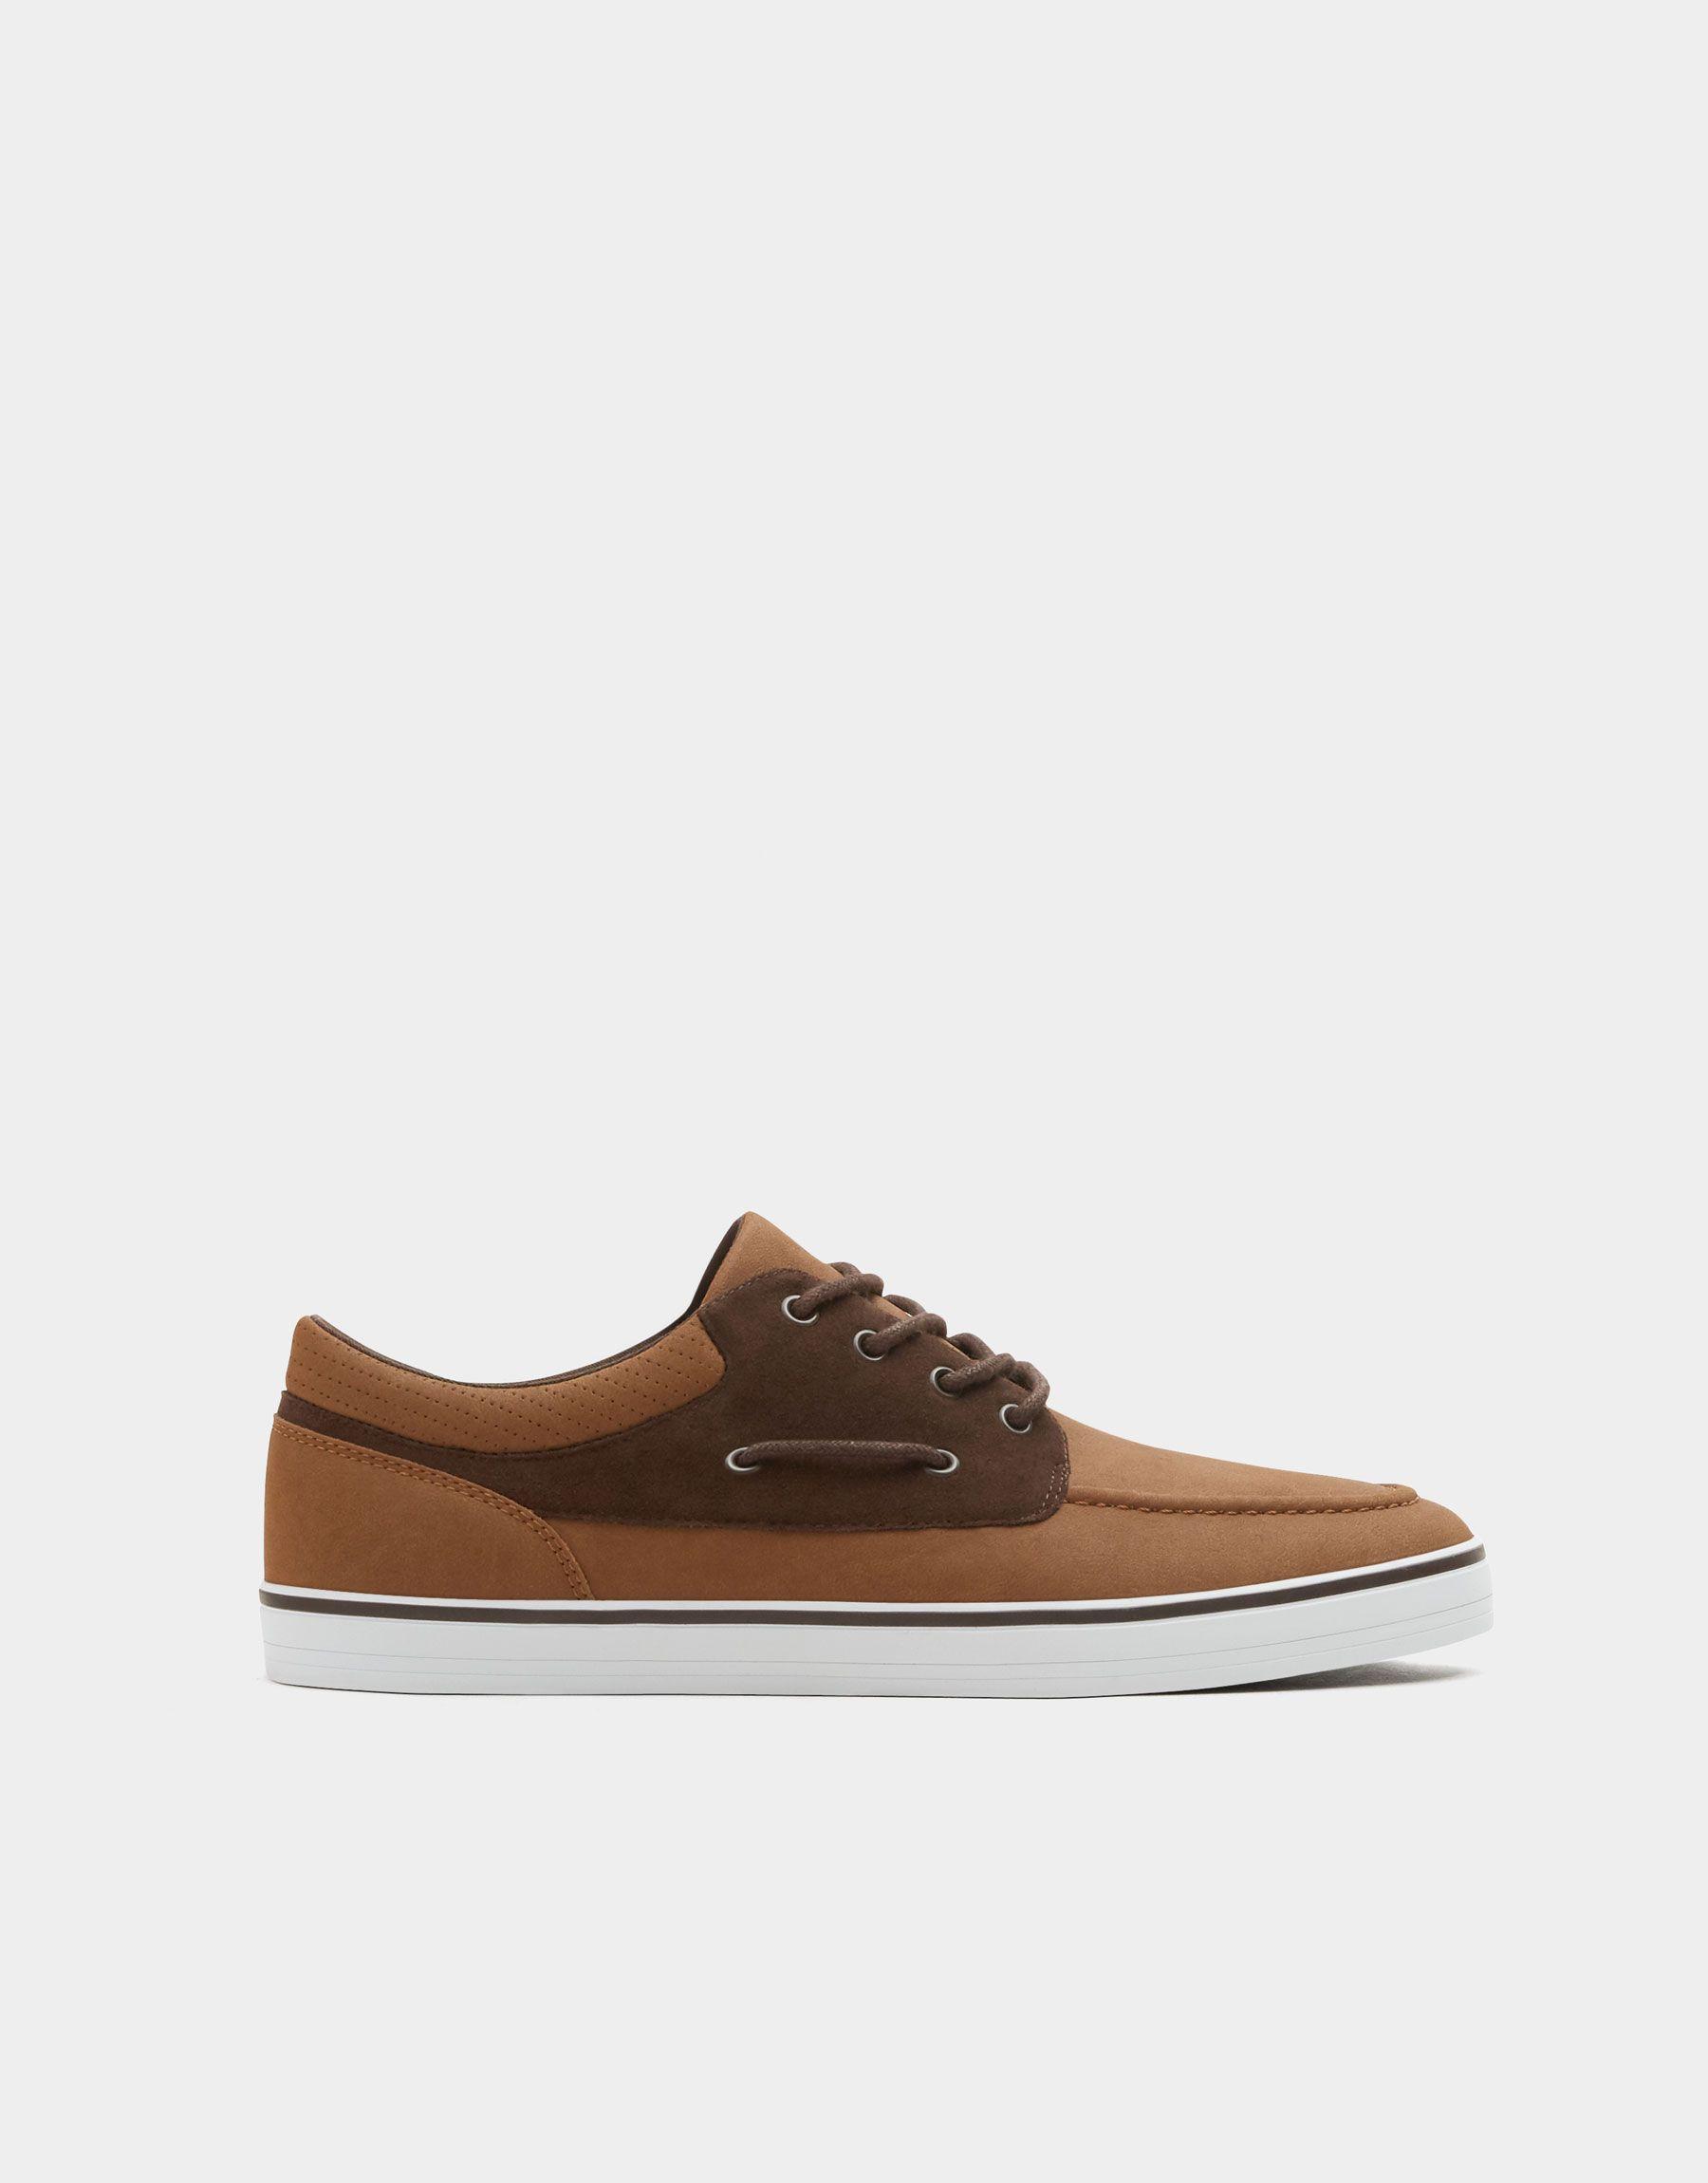 e8de3deb Zapatilla náutica marrón - Ver todo - Zapatos - Hombre - PULL&BEAR España